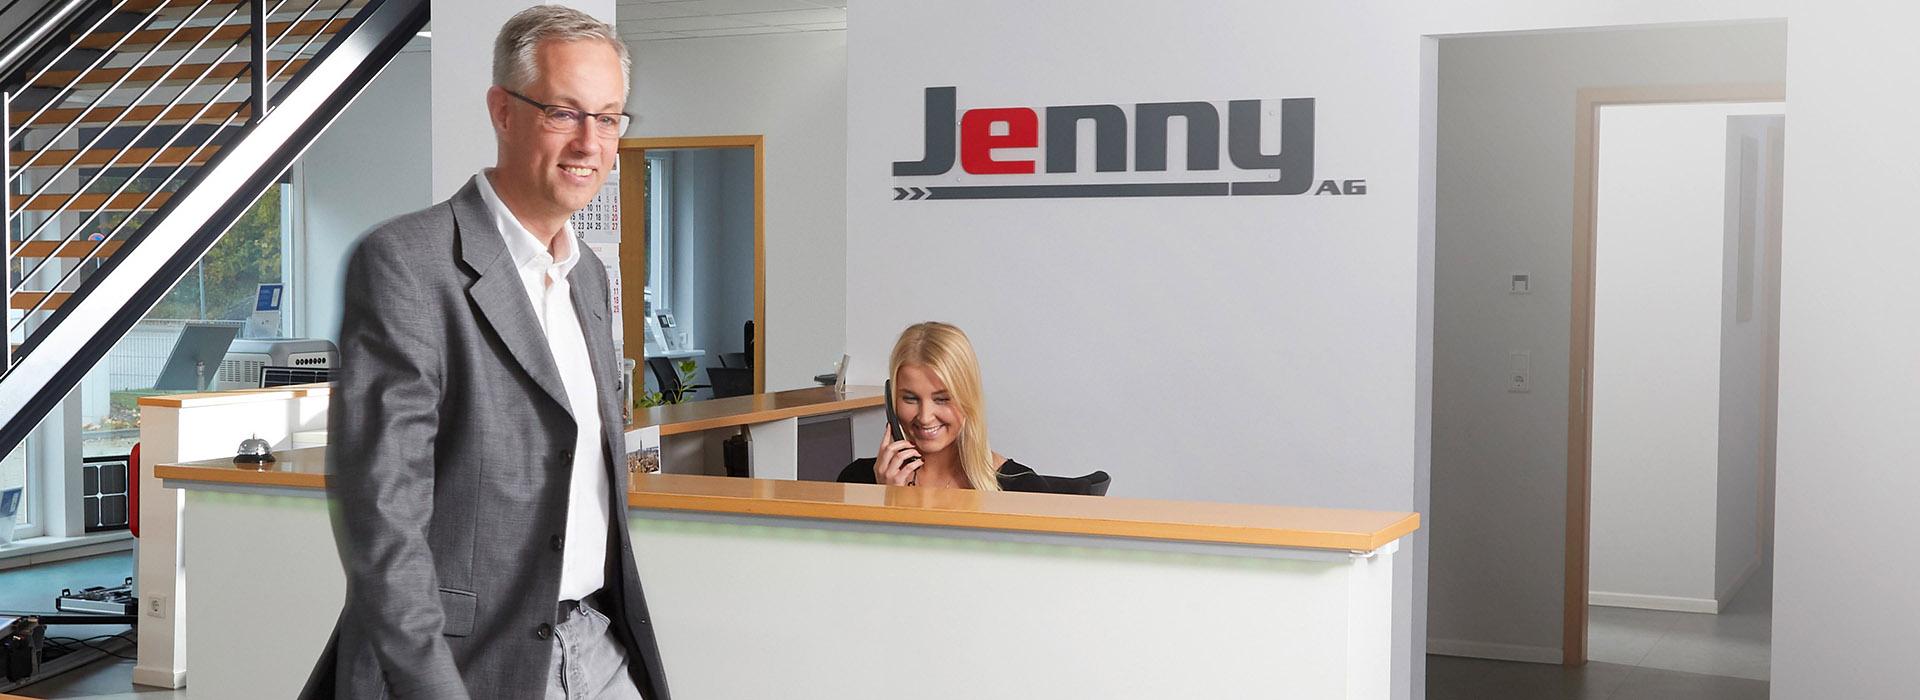 Herr Jenny und seine Mitarbeiterin im Empfang. (Energielösungen/ Recruiting)